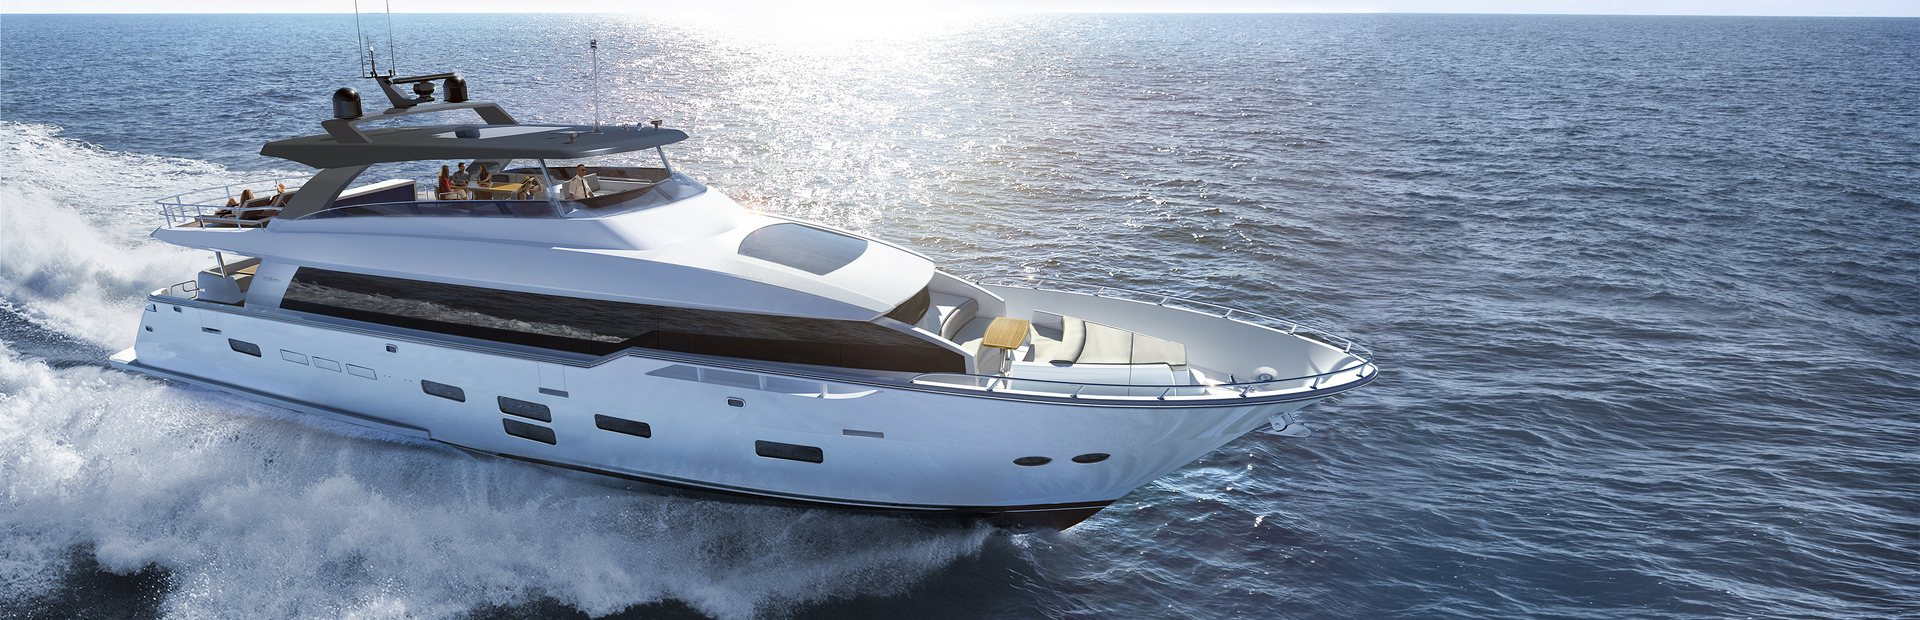 M98 Panacera Yacht Charter